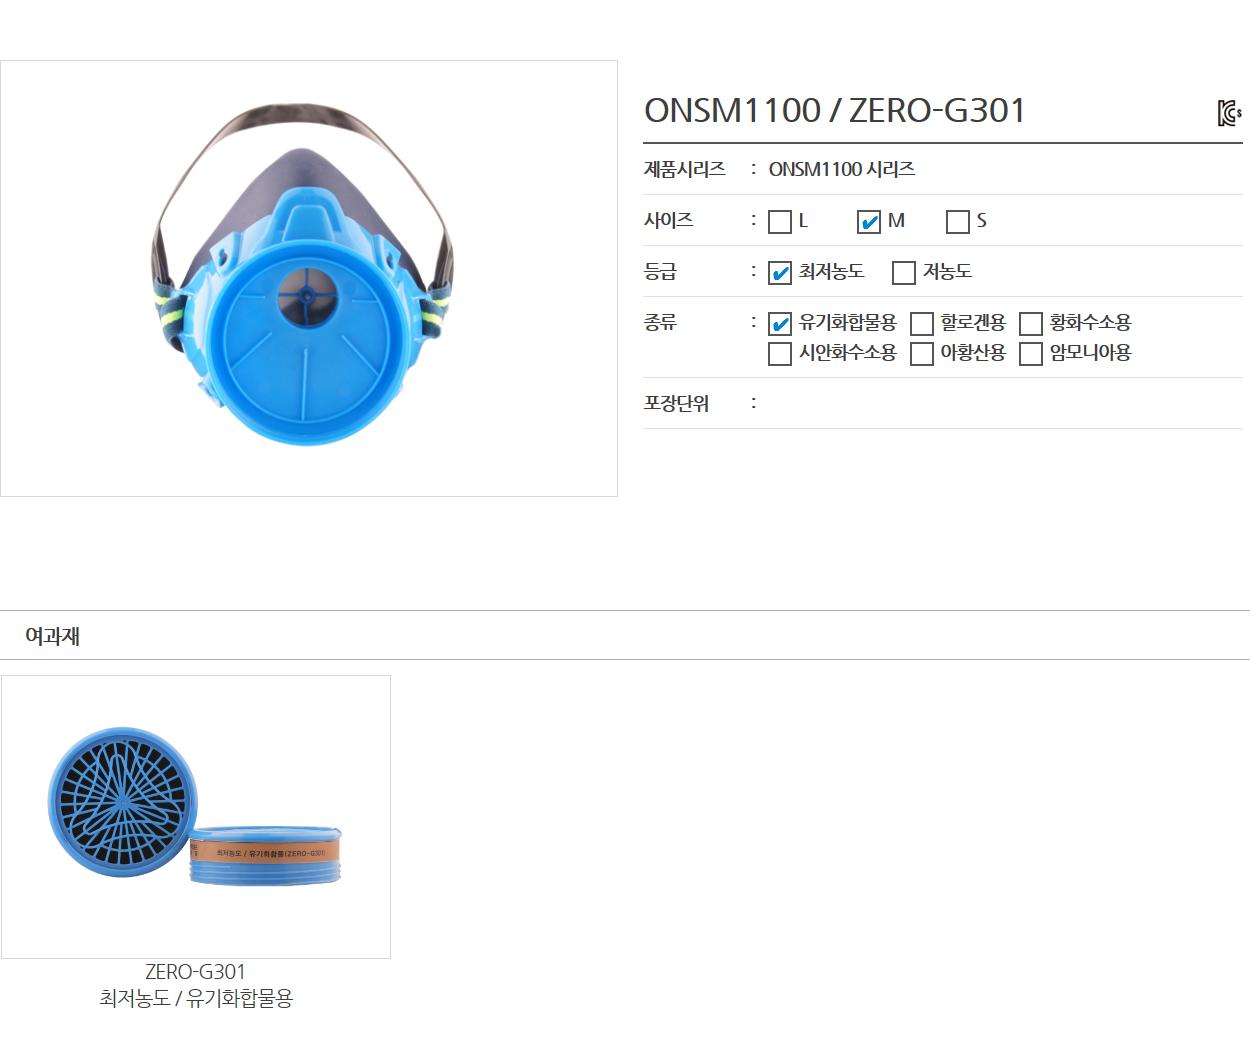 온누리플랜(주)  ONSM1100 / ZERO-G301 1